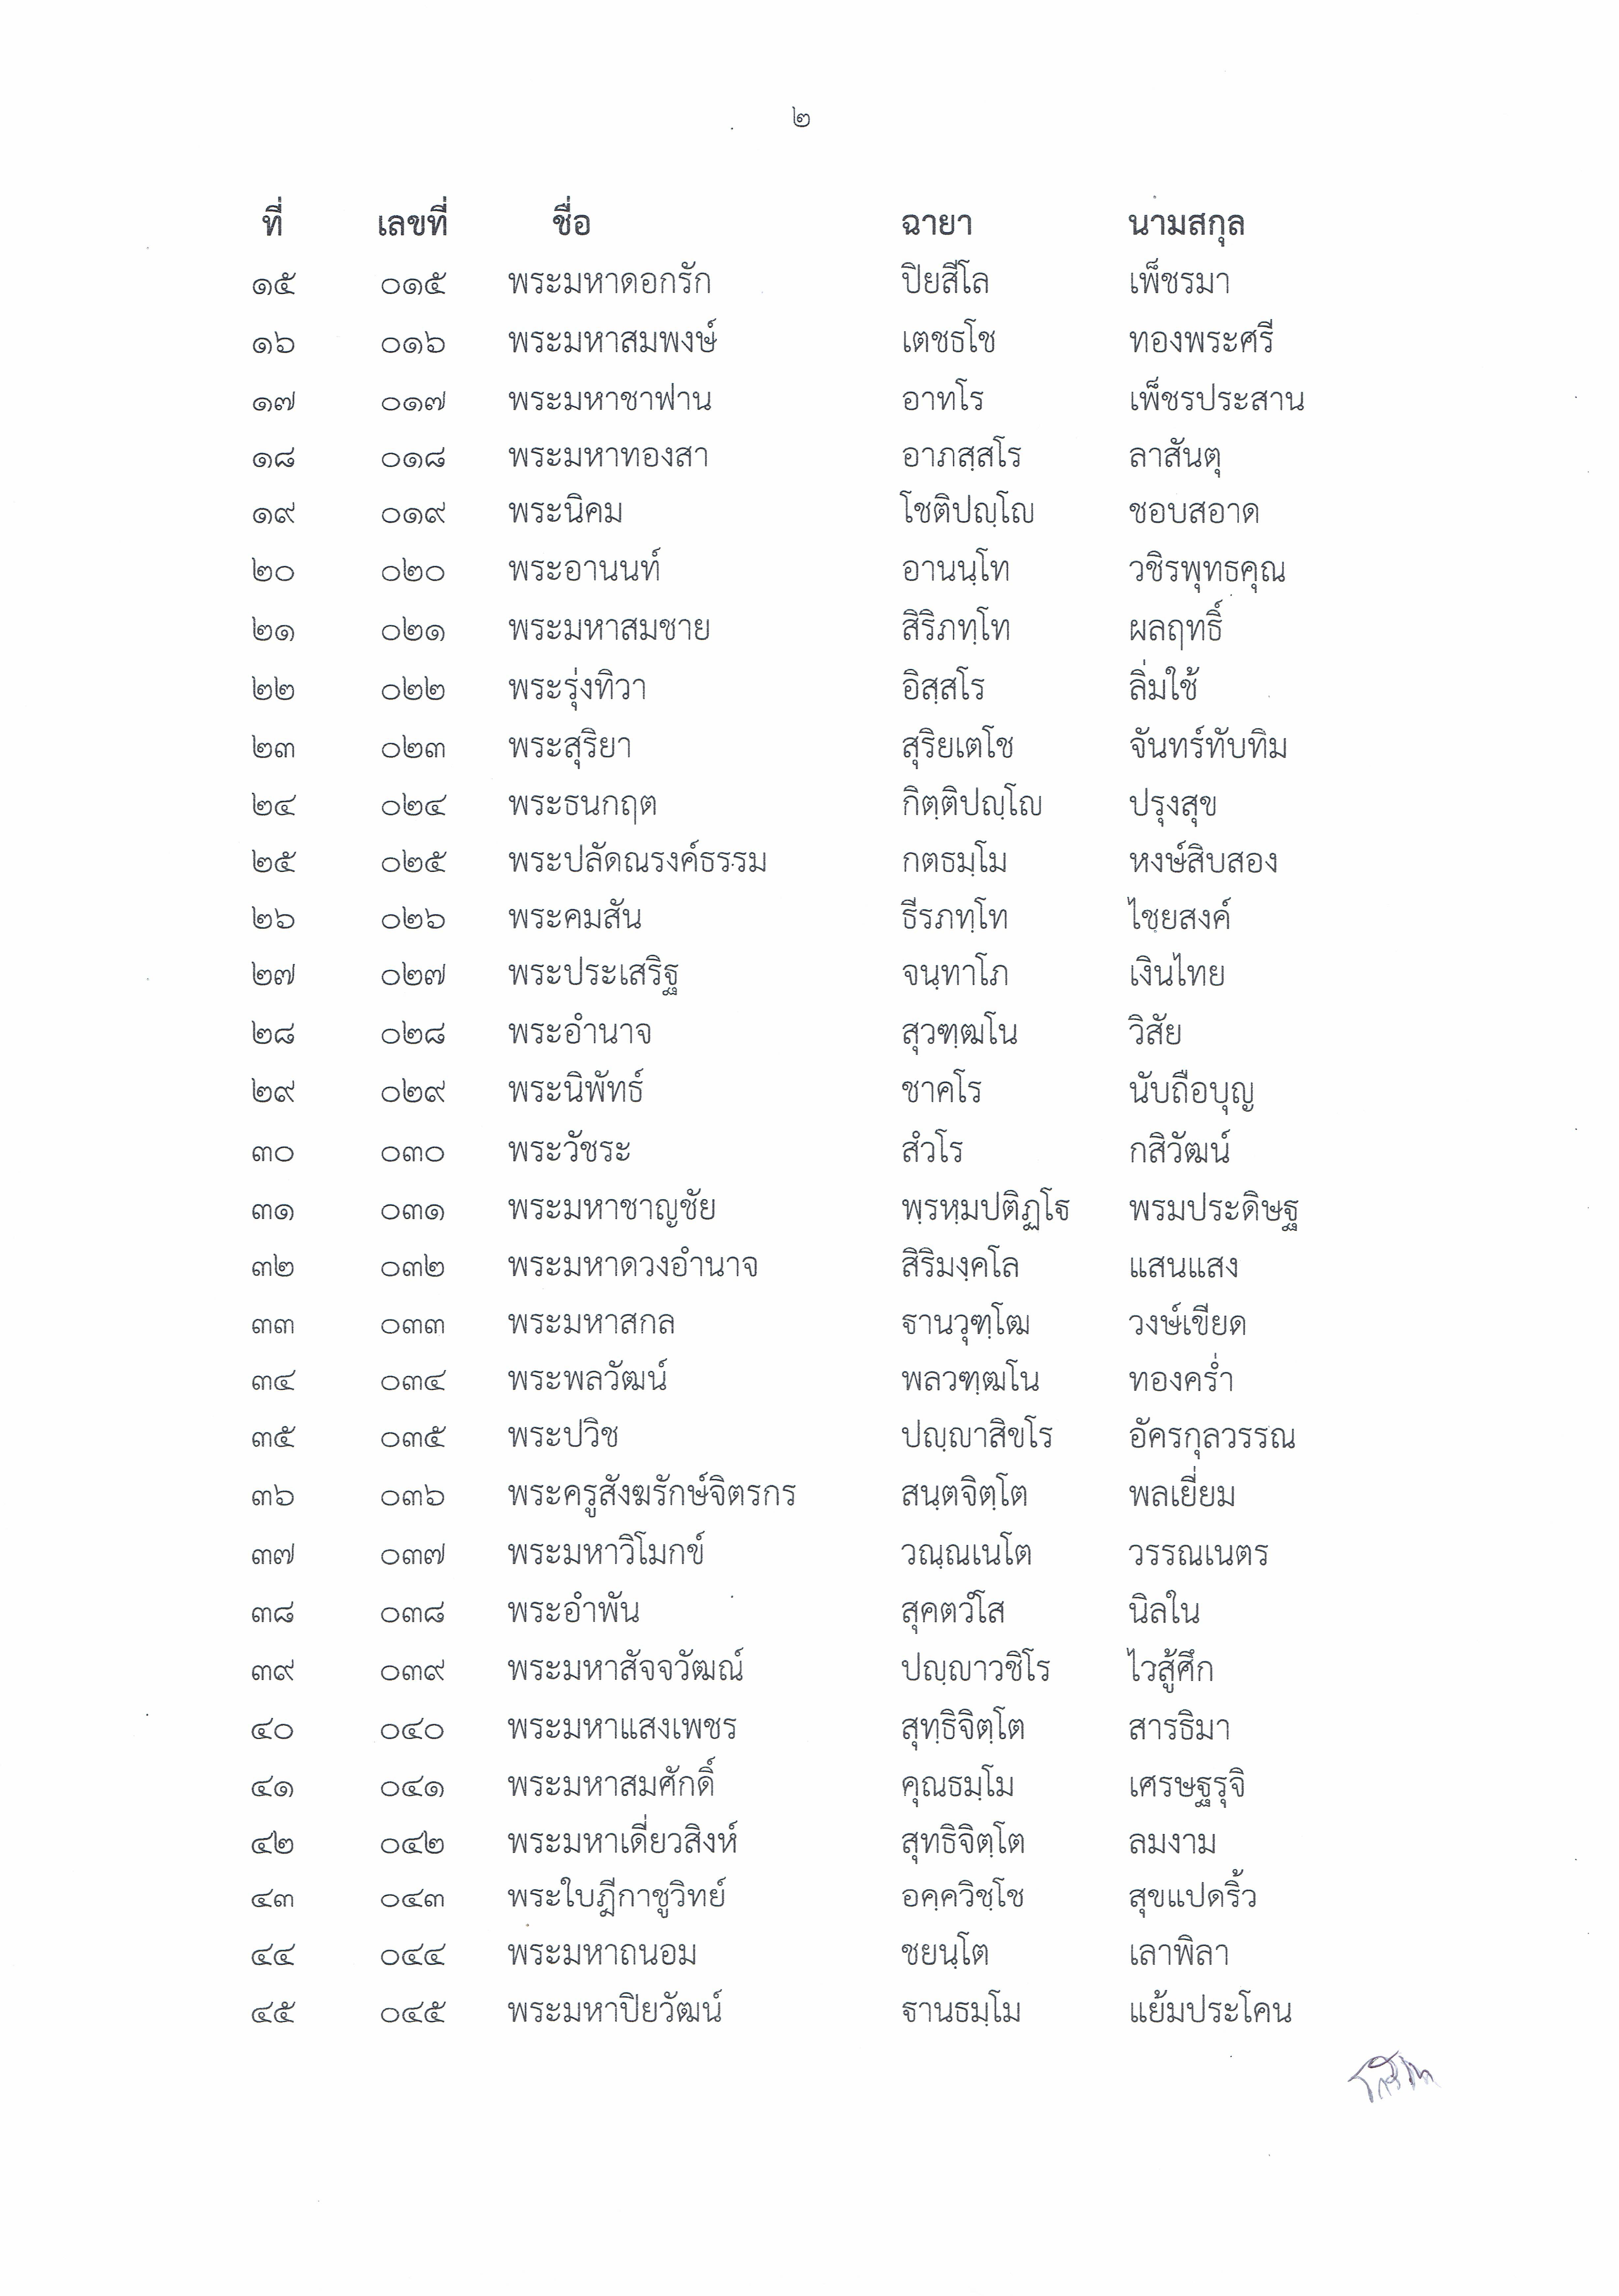 24 ประกาศผลสอบผ่าน พท รุ่น 24 มี 128 รูป แสกน_2